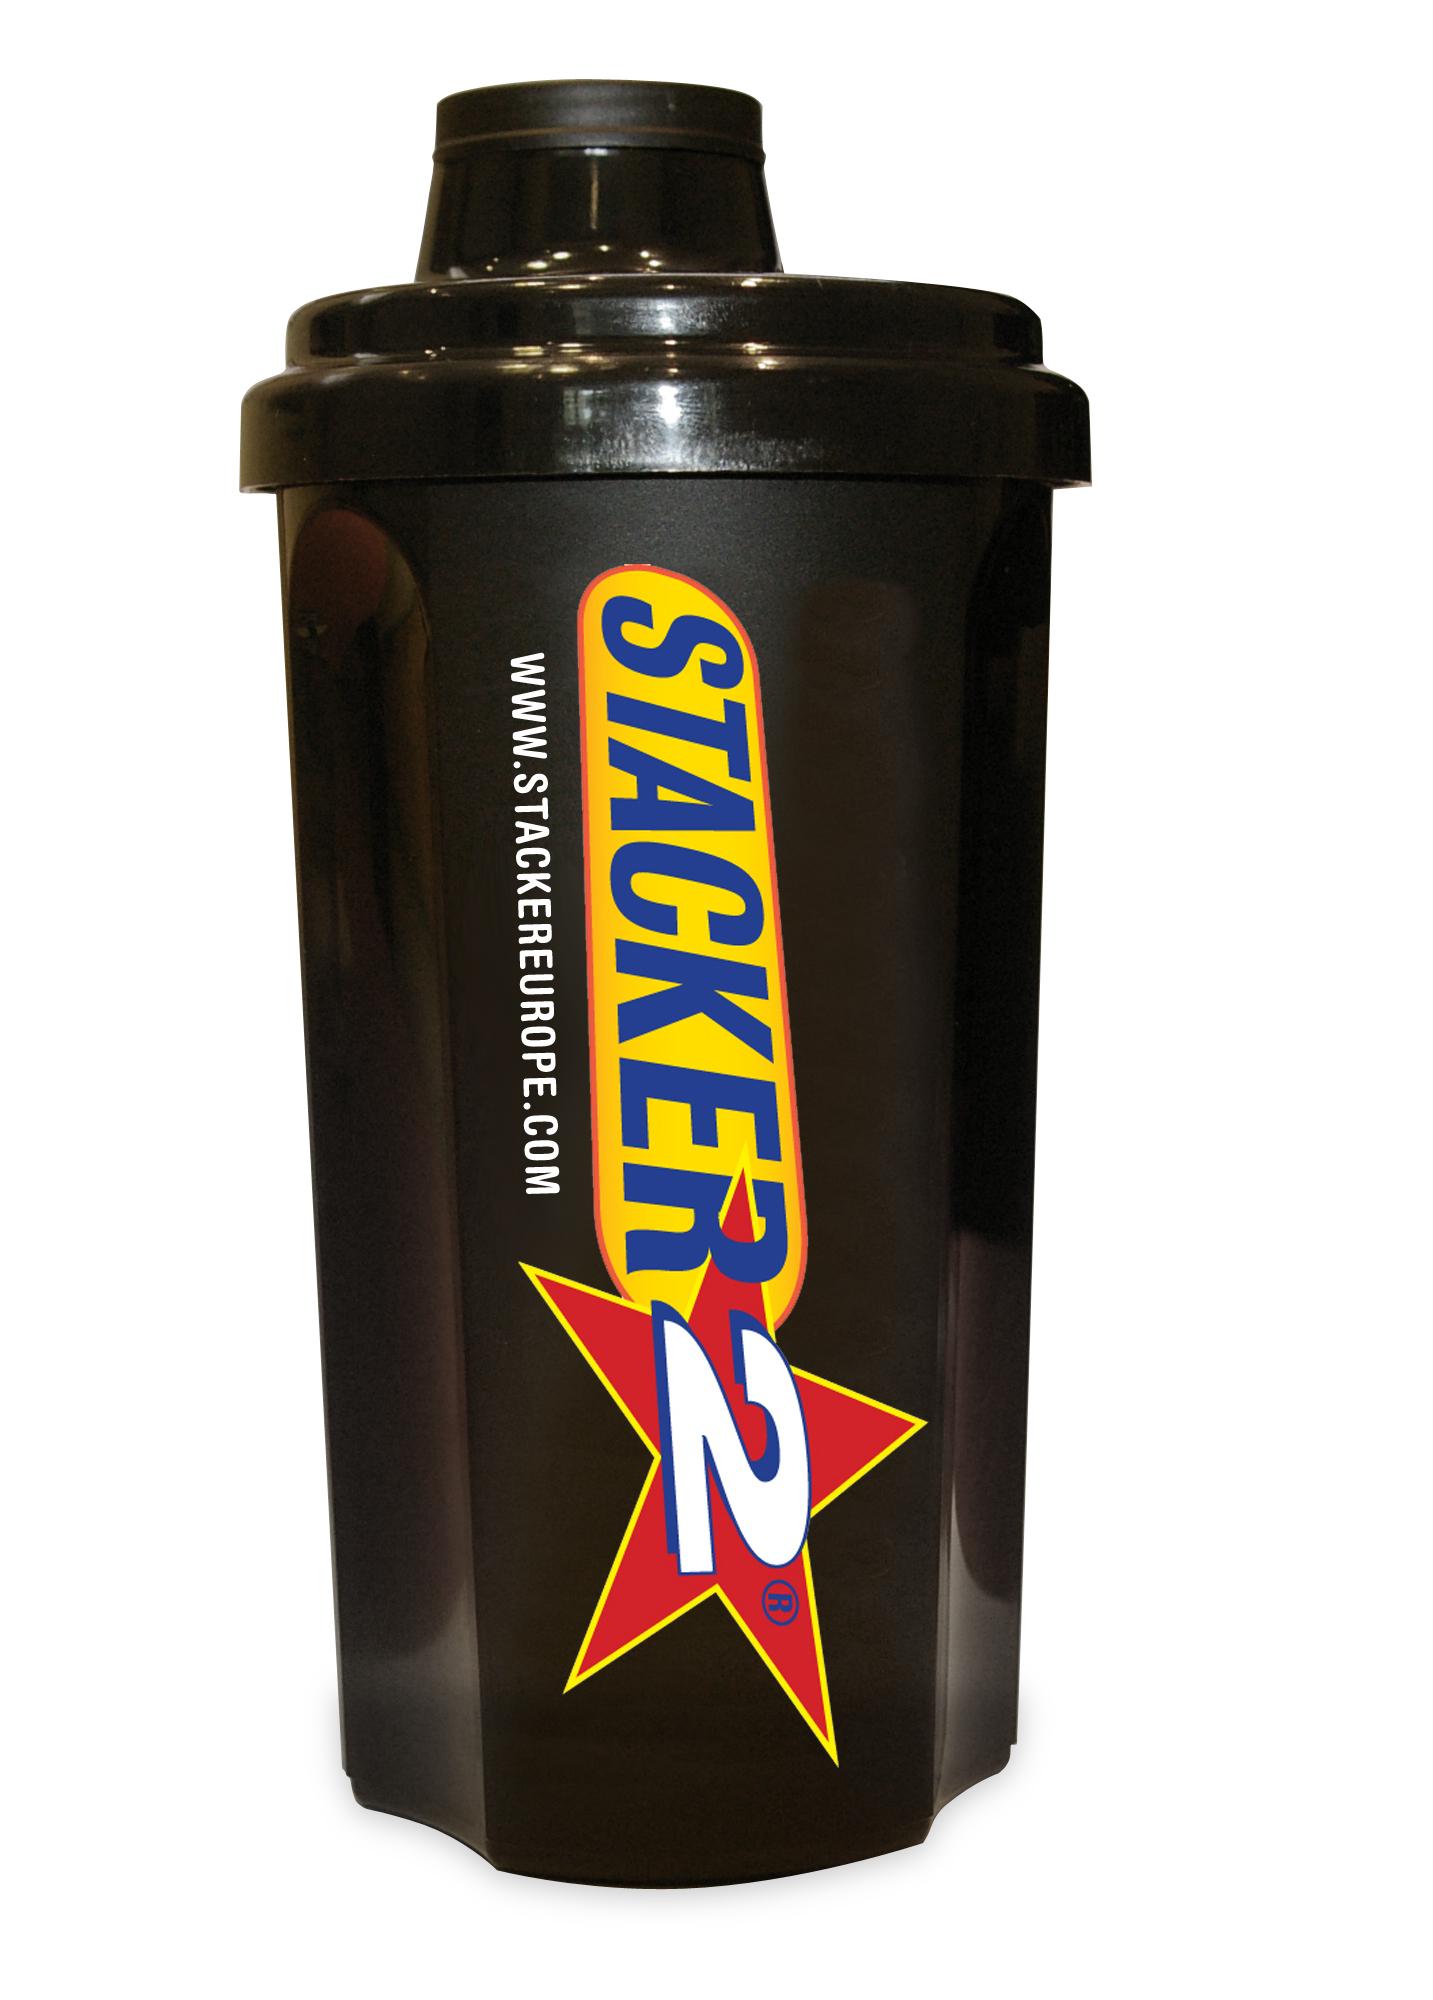 Stacker Shaker